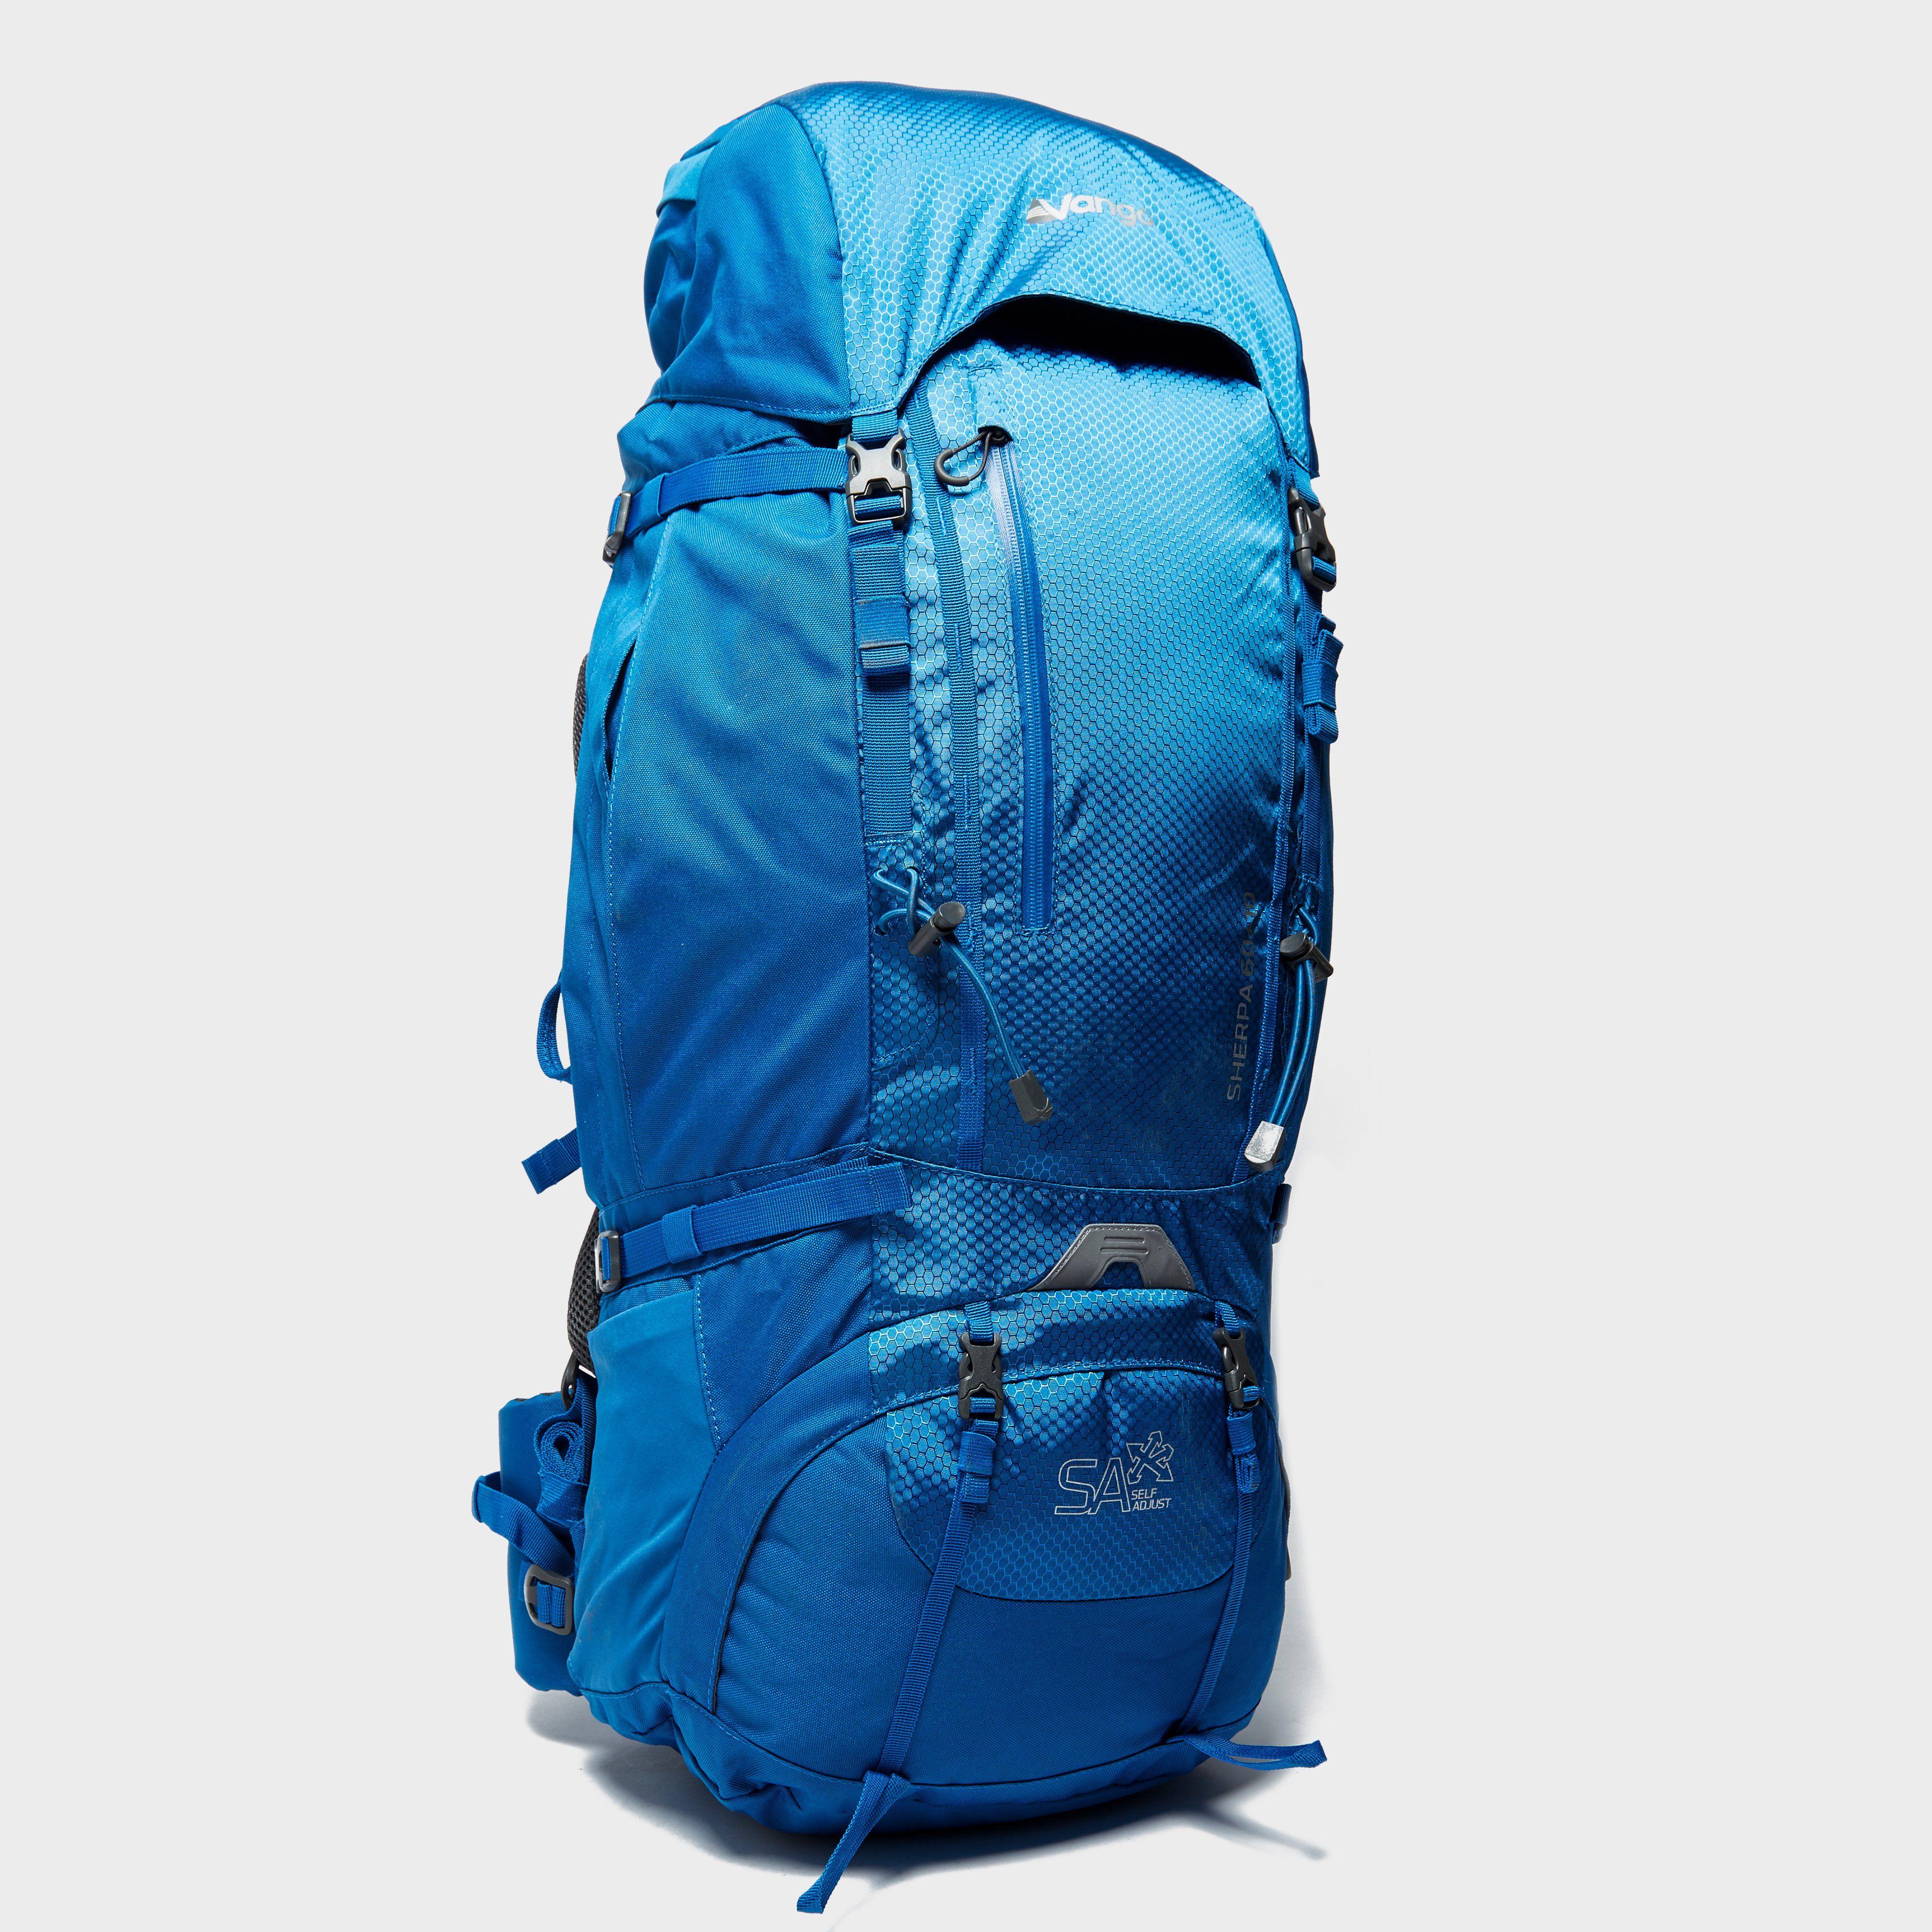 VANGO Sherpa 60+10 Backpack